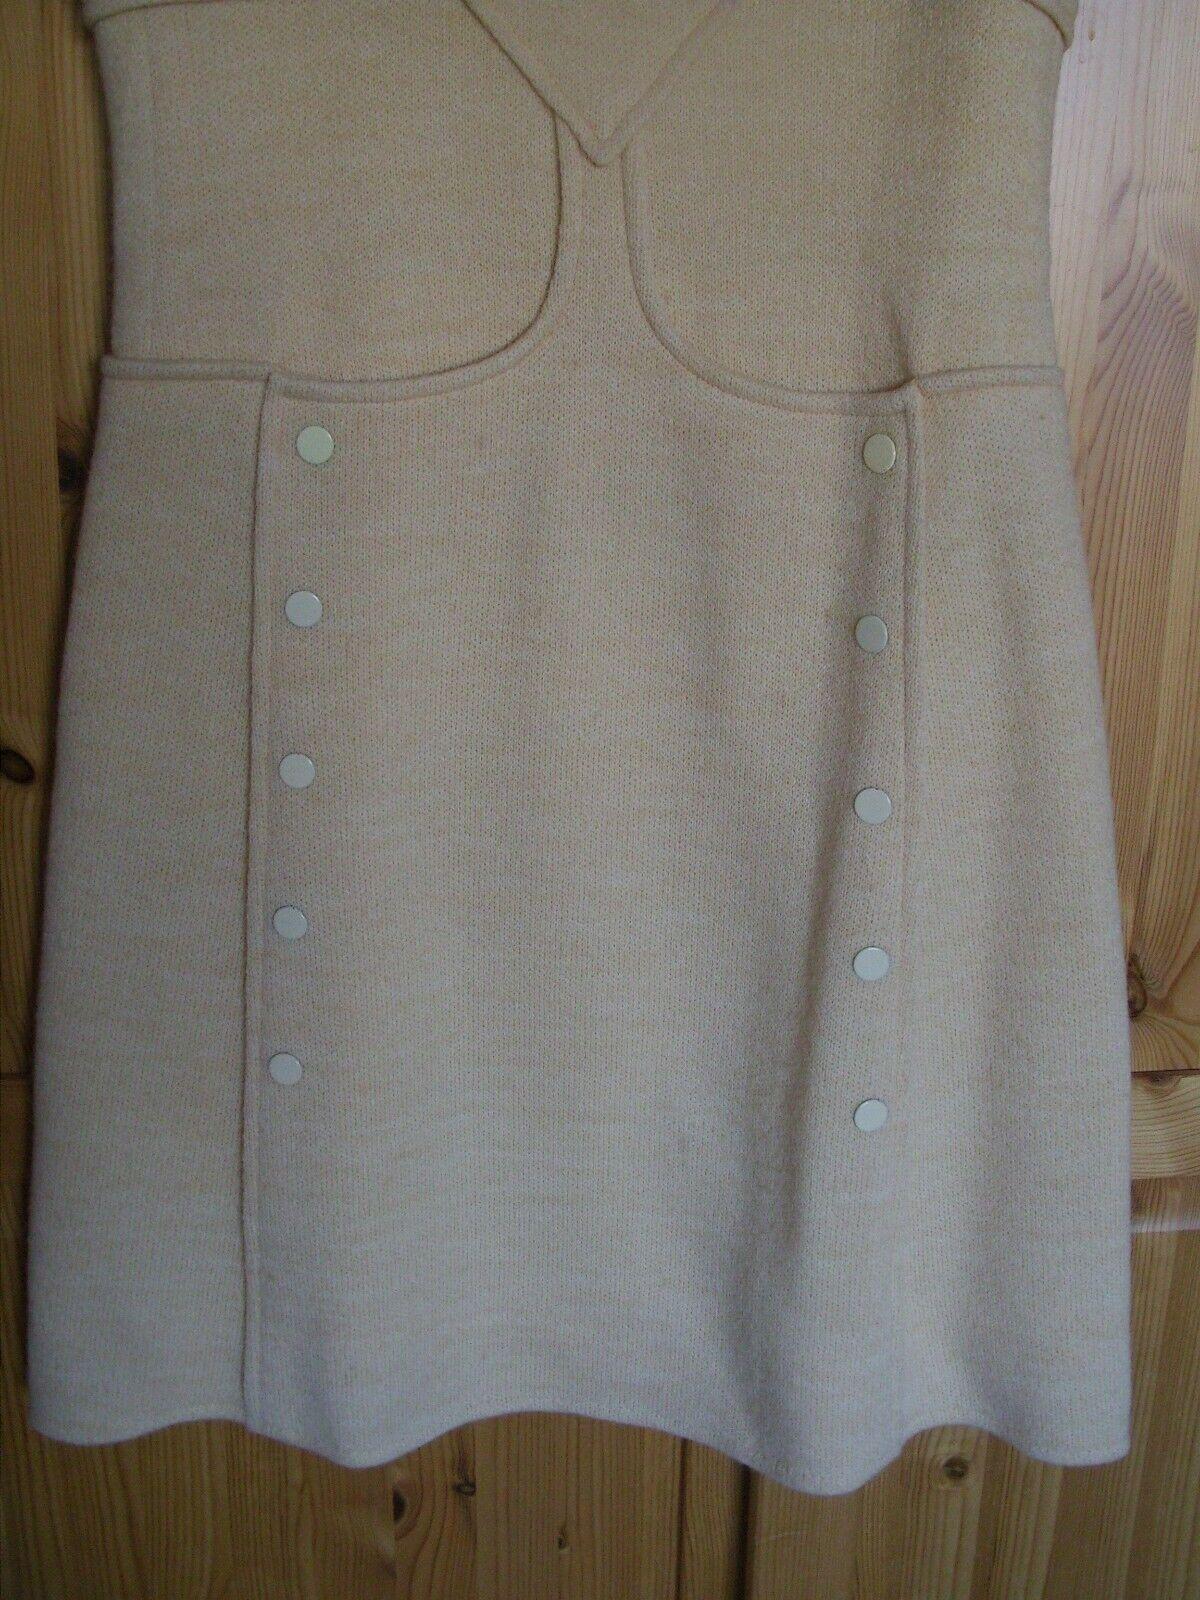 Rare vtg début 70's courreges hyperbole robe laine haute couture a s m fr38 uk10